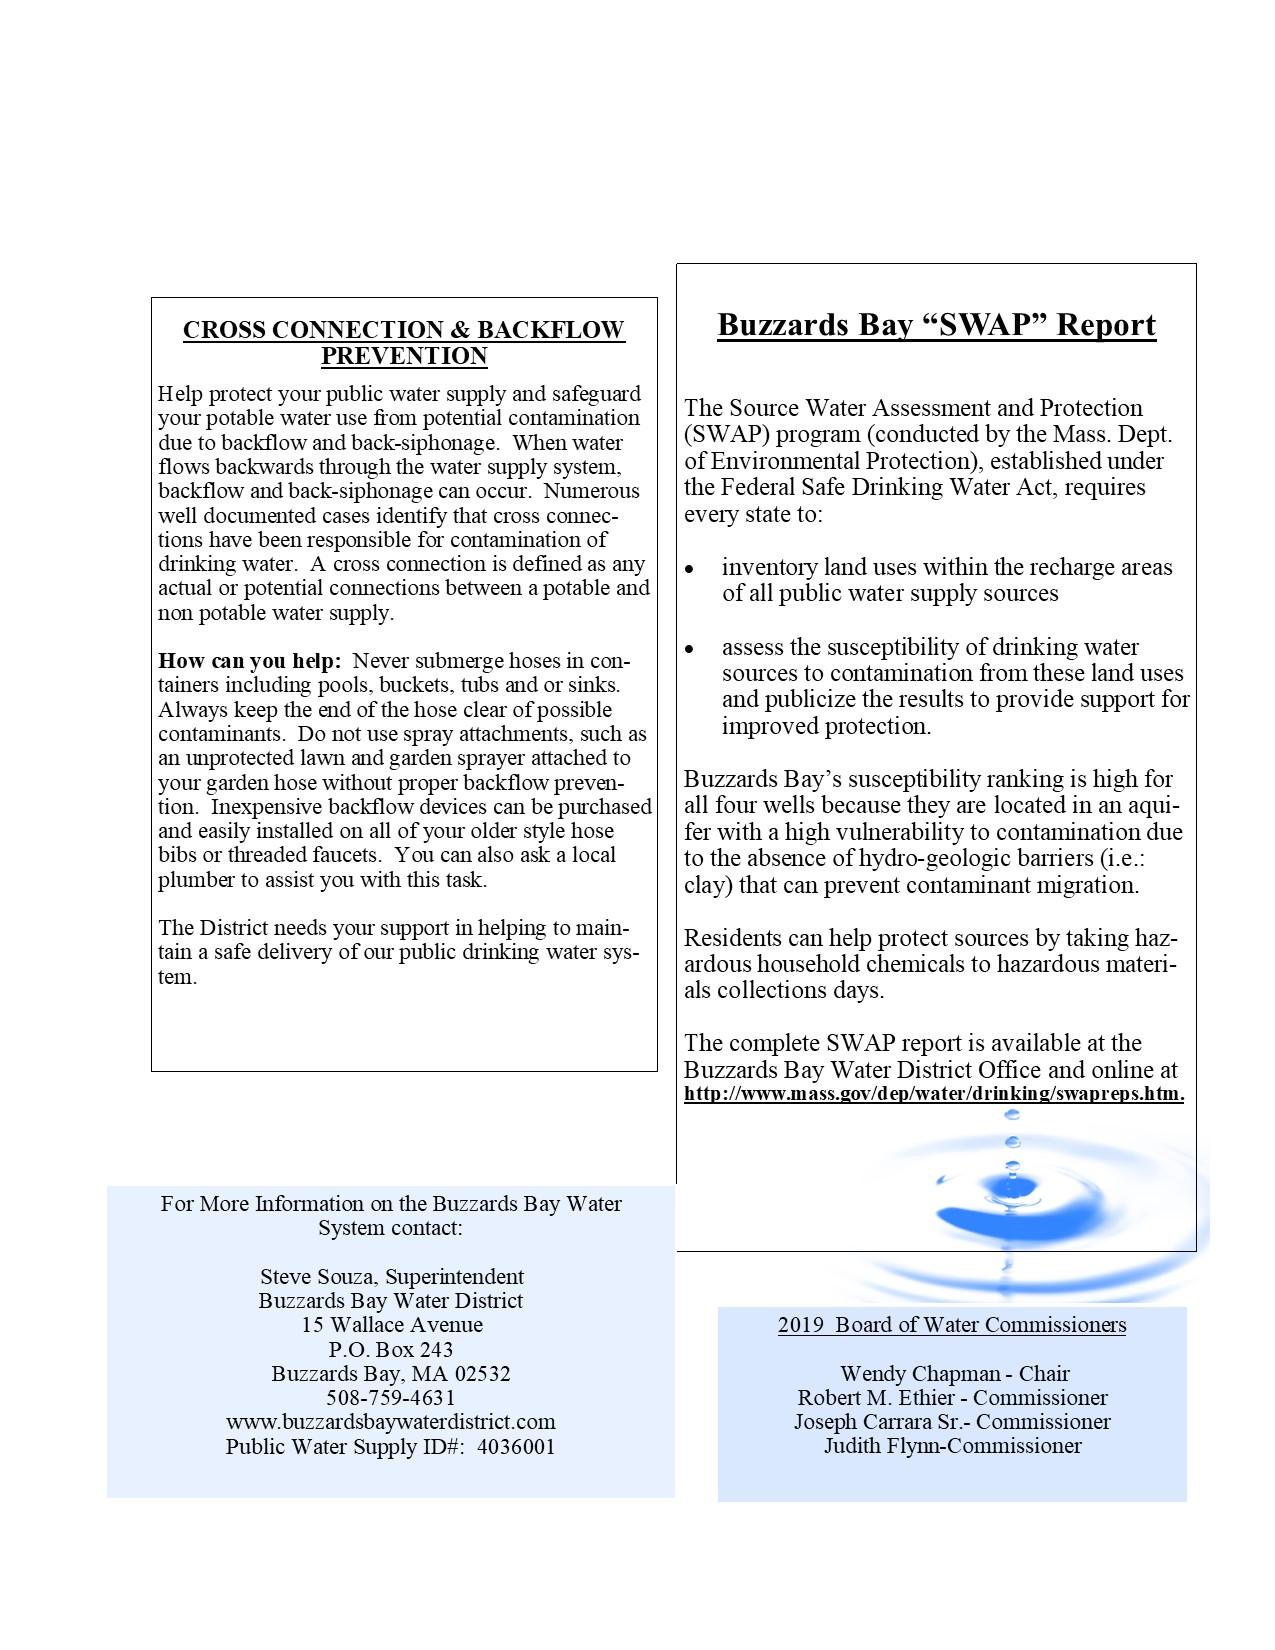 CCR page 4 handout 2019